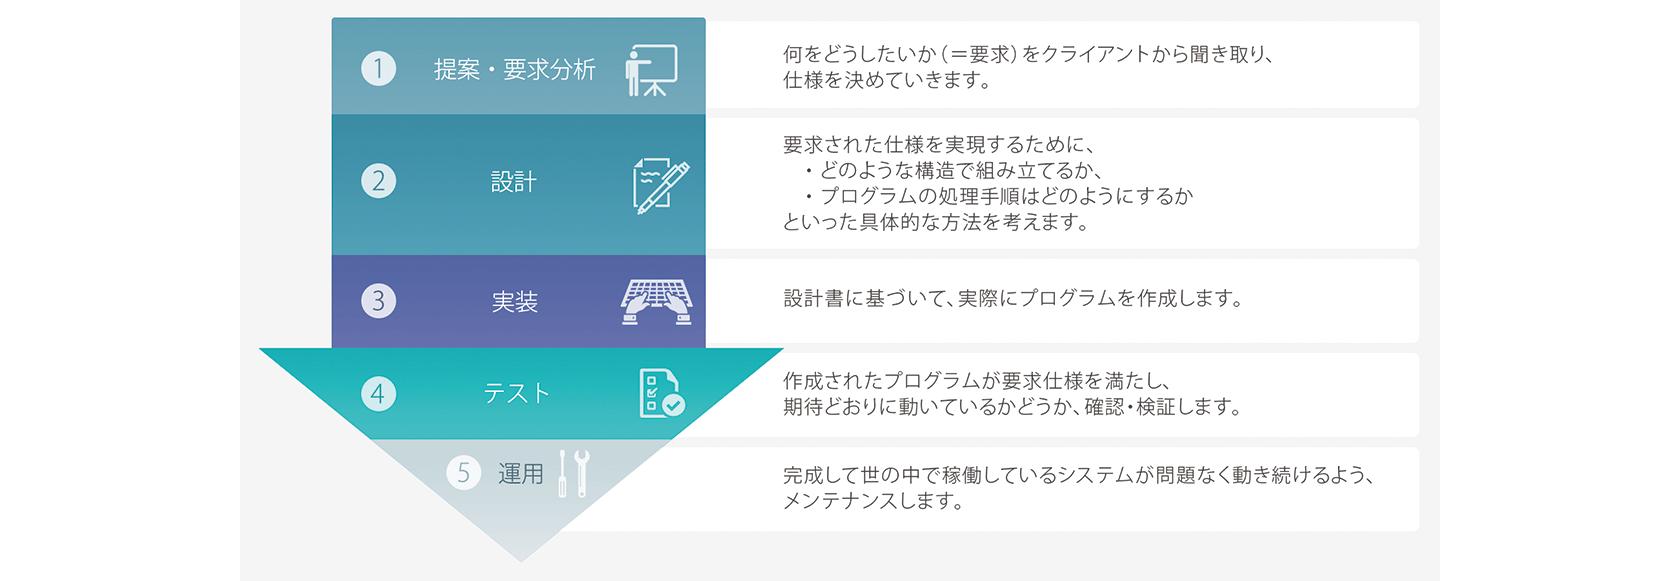 [図] 開発工程の説明